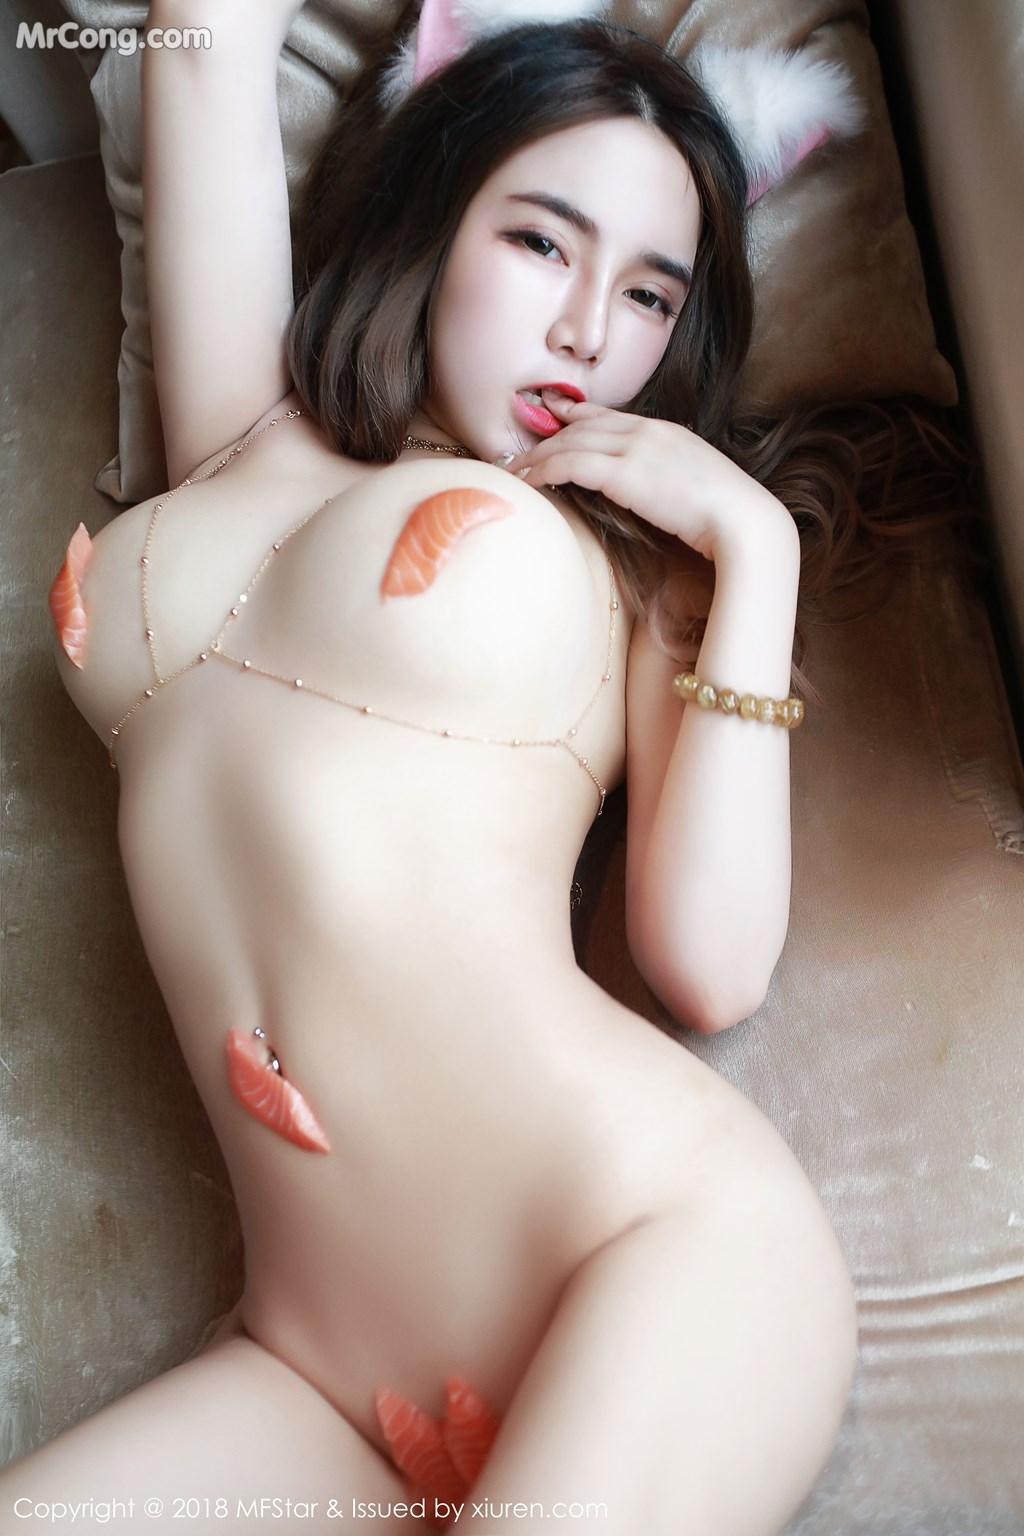 Image MFStar-Vol.157-Wen-Xinyi-MrCong.com-008 in post MFStar Vol.157: Người mẫu Wen Xinyi (温心怡) (32 ảnh)